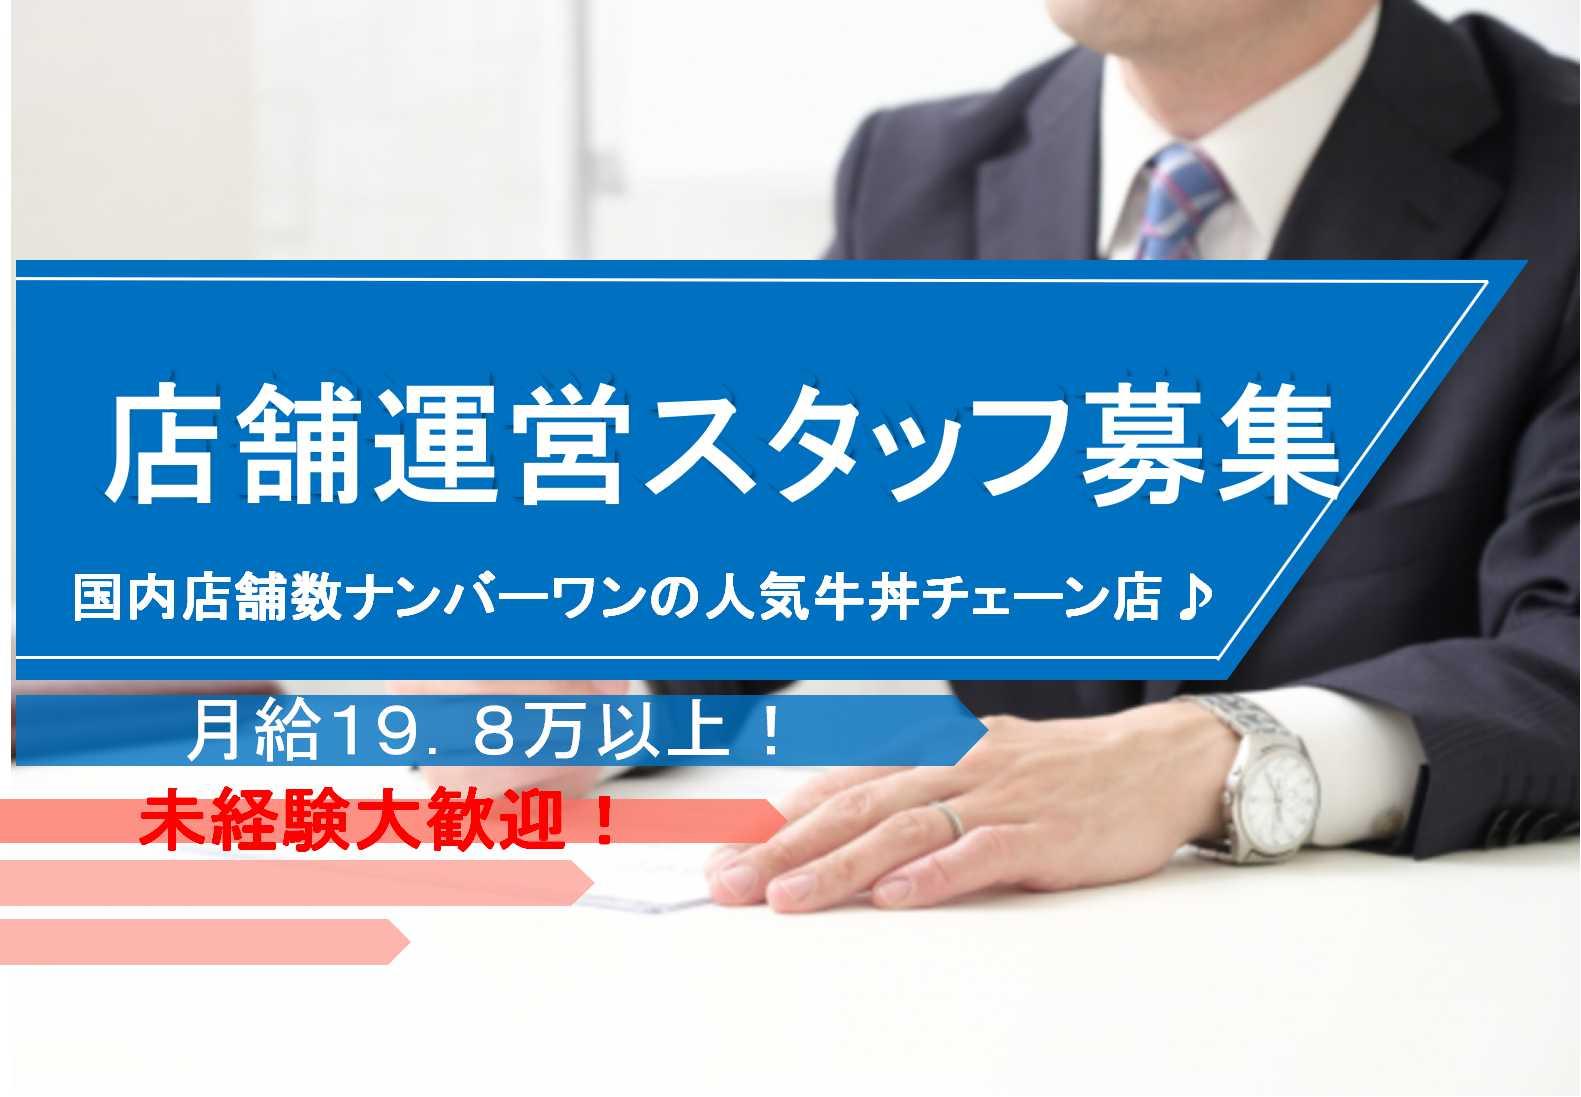 【急募】海外支援も行う大手企業♪未経験歓迎!店舗運営スタッフ イメージ